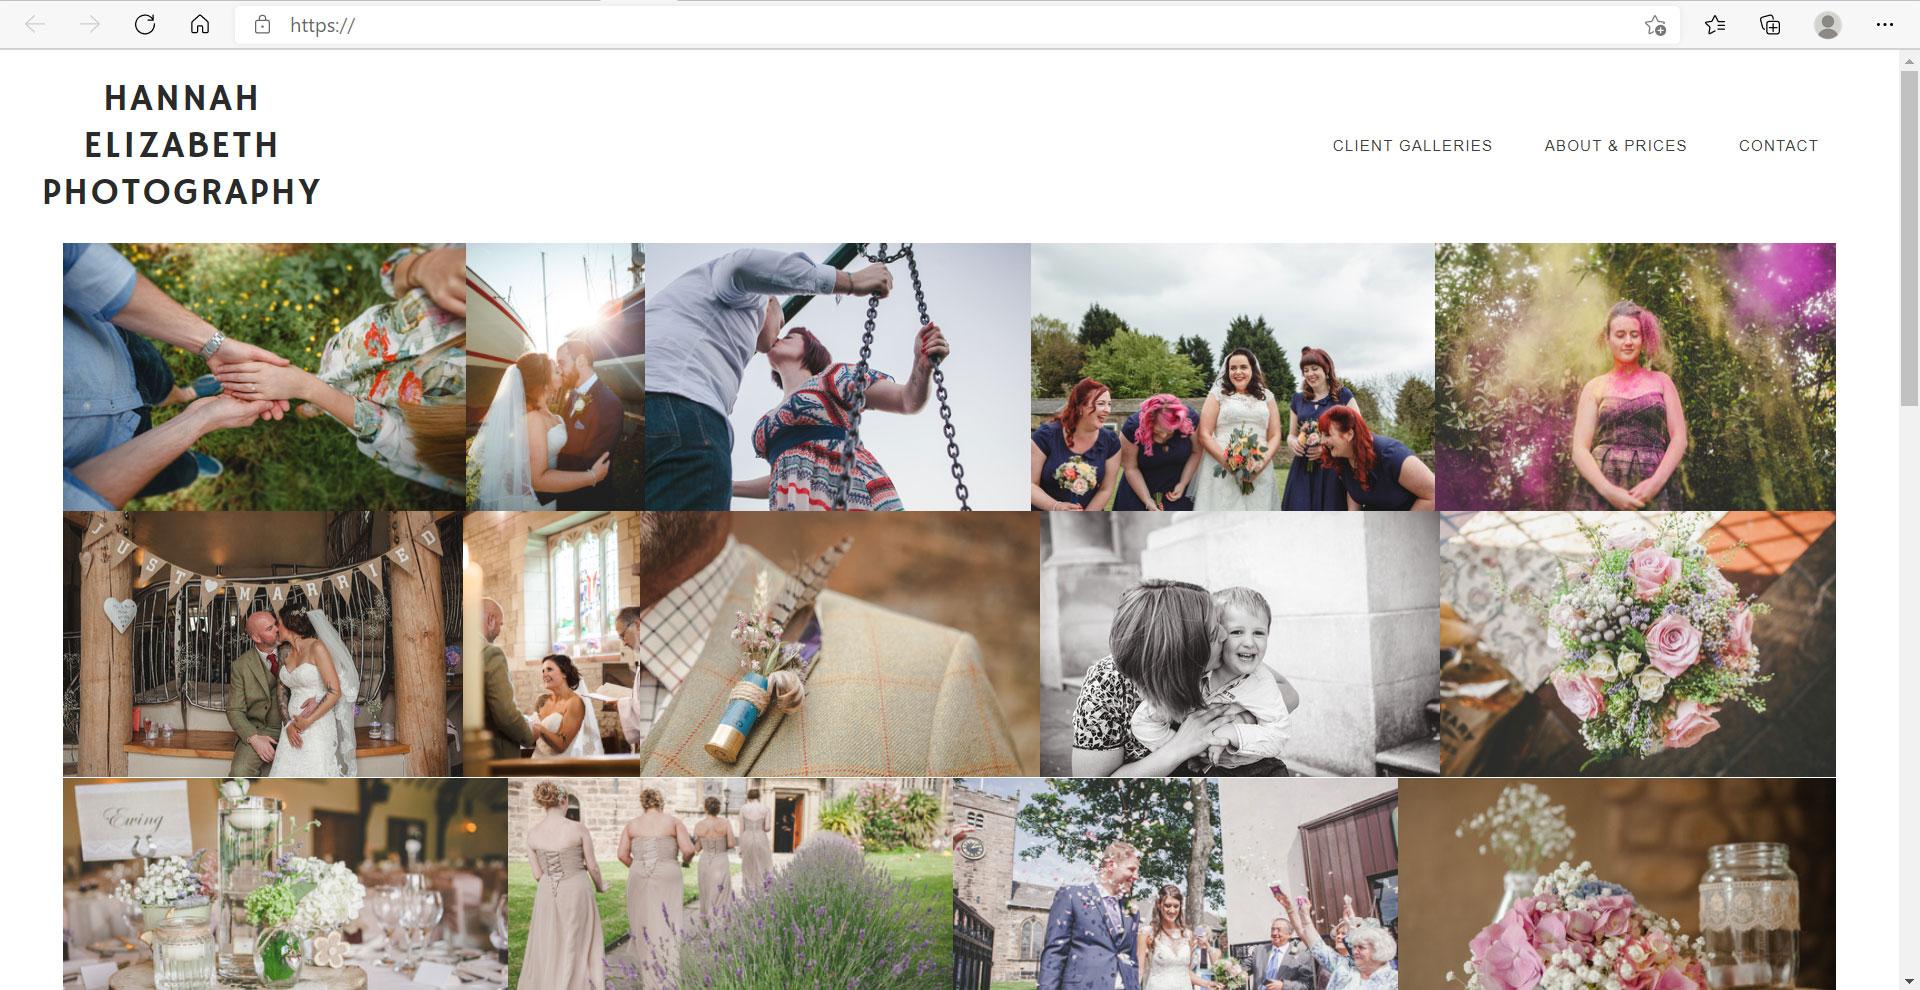 Zenfolio Example Website 07